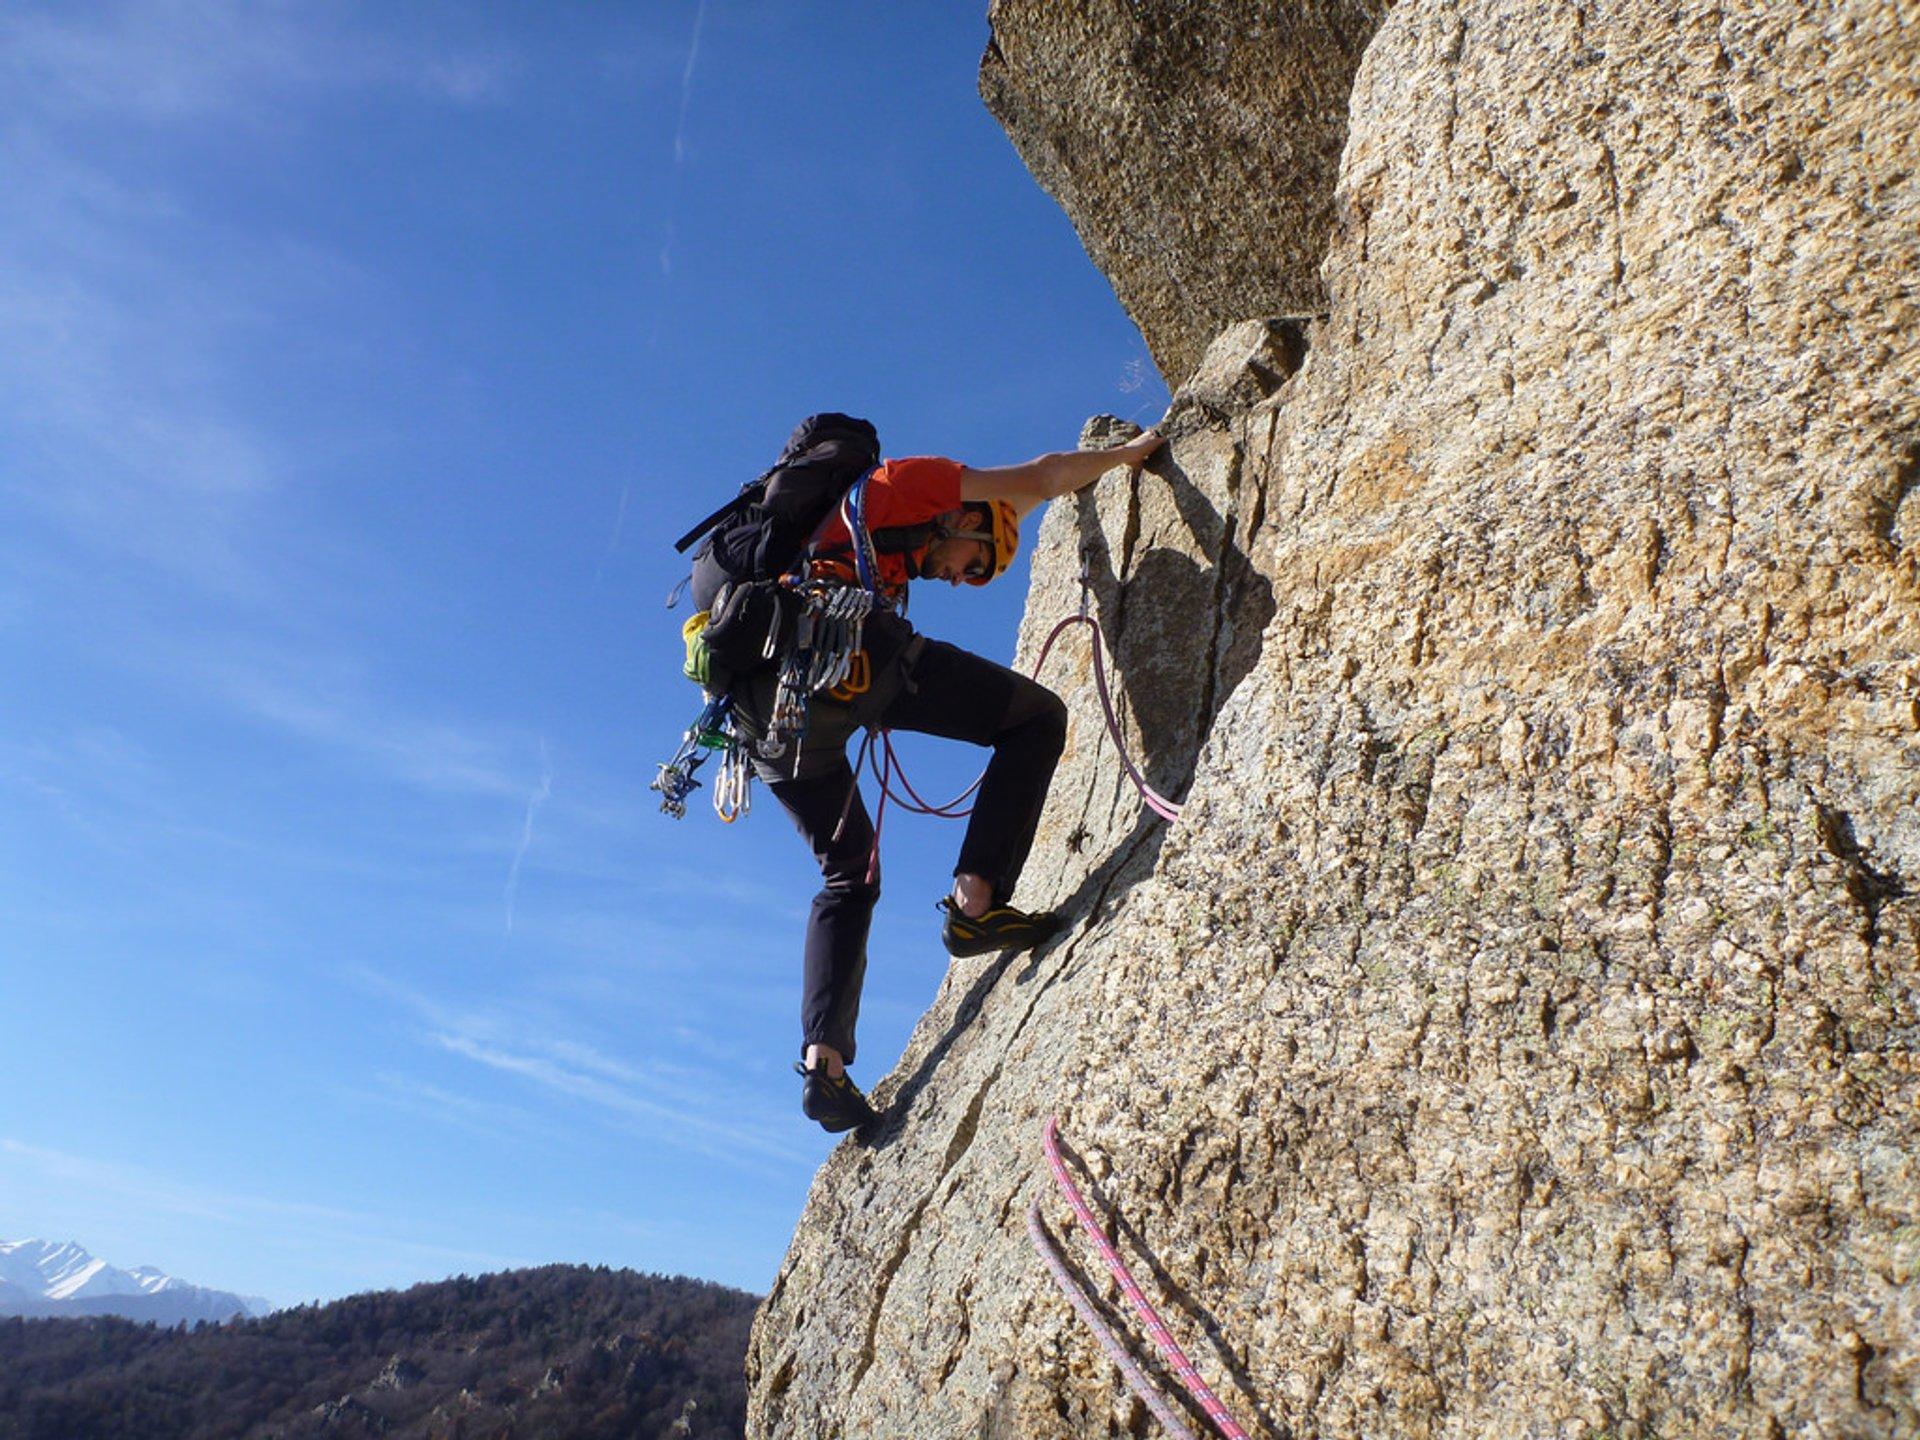 Rock Climbing in Italy - Best Season 2020